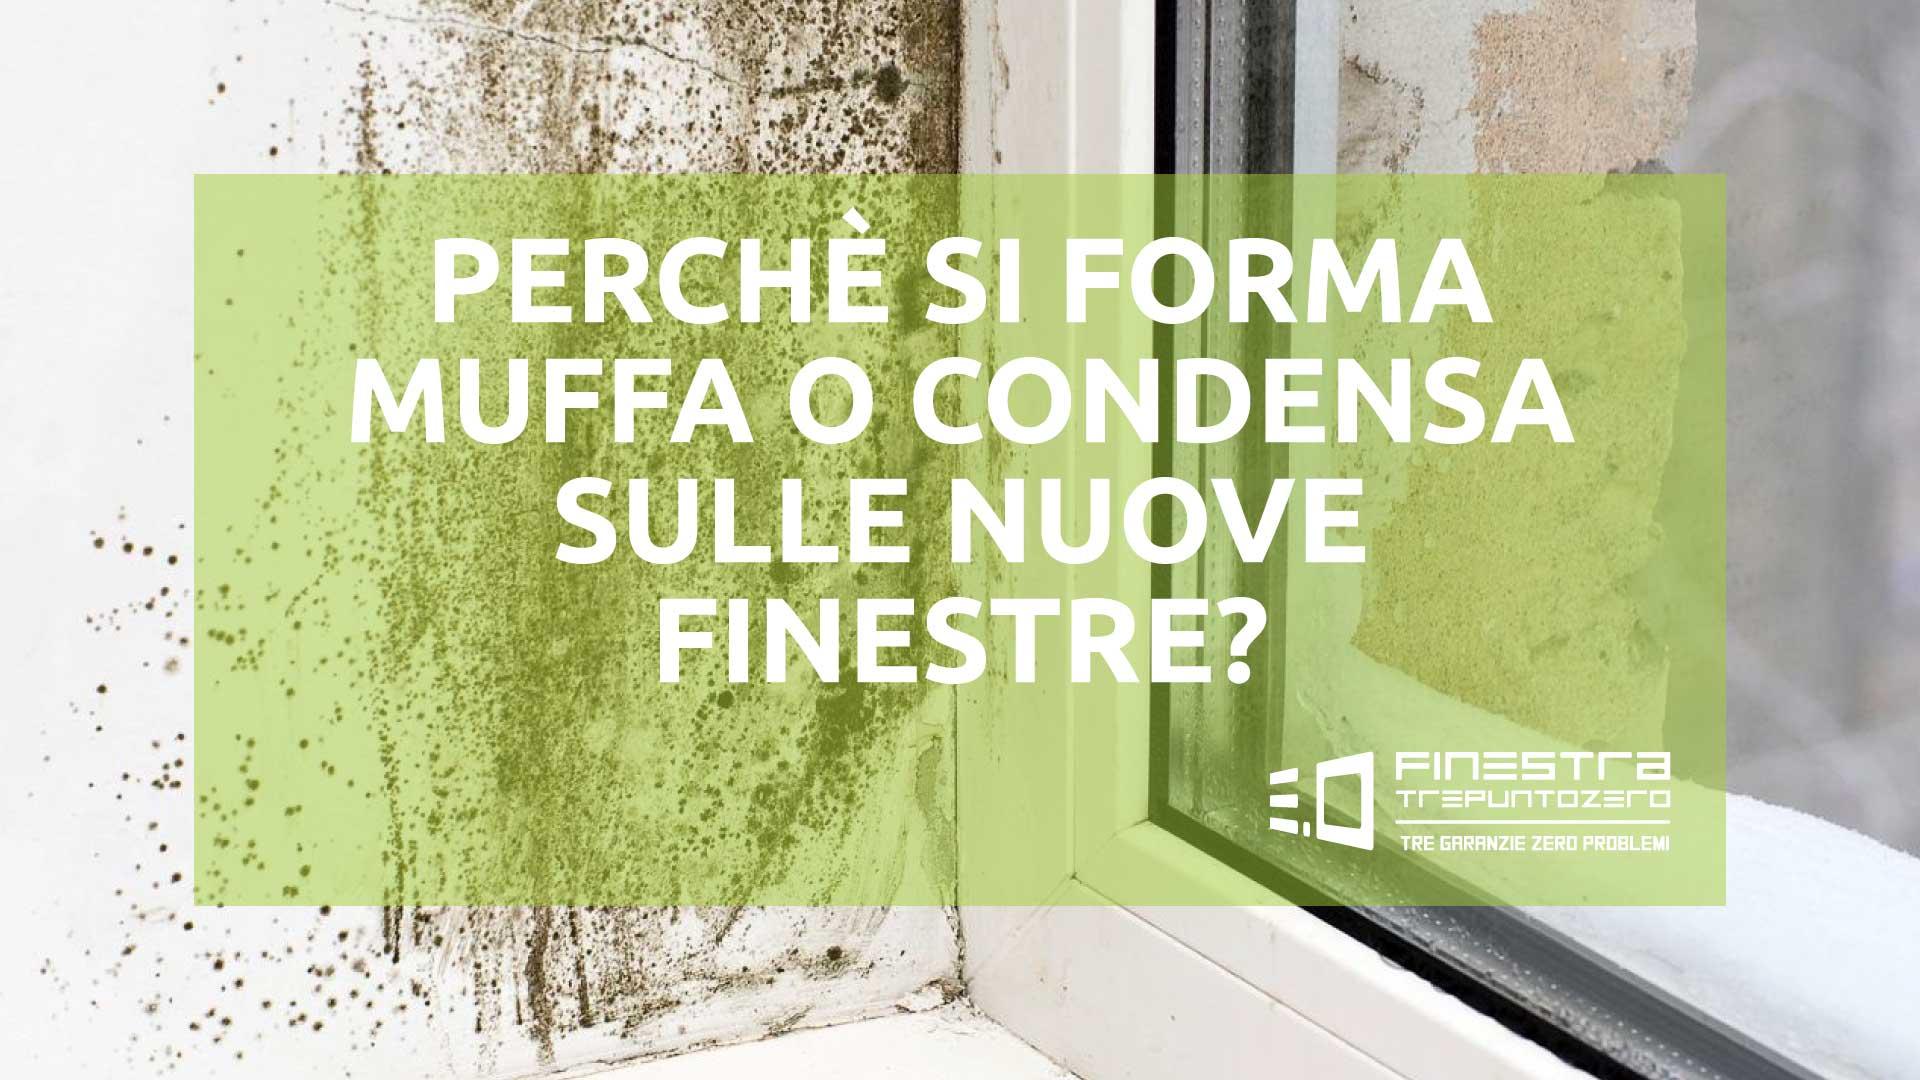 Muffa Vicino Agli Infissi come si forma la condensa e la muffa sulle nuove finestre?